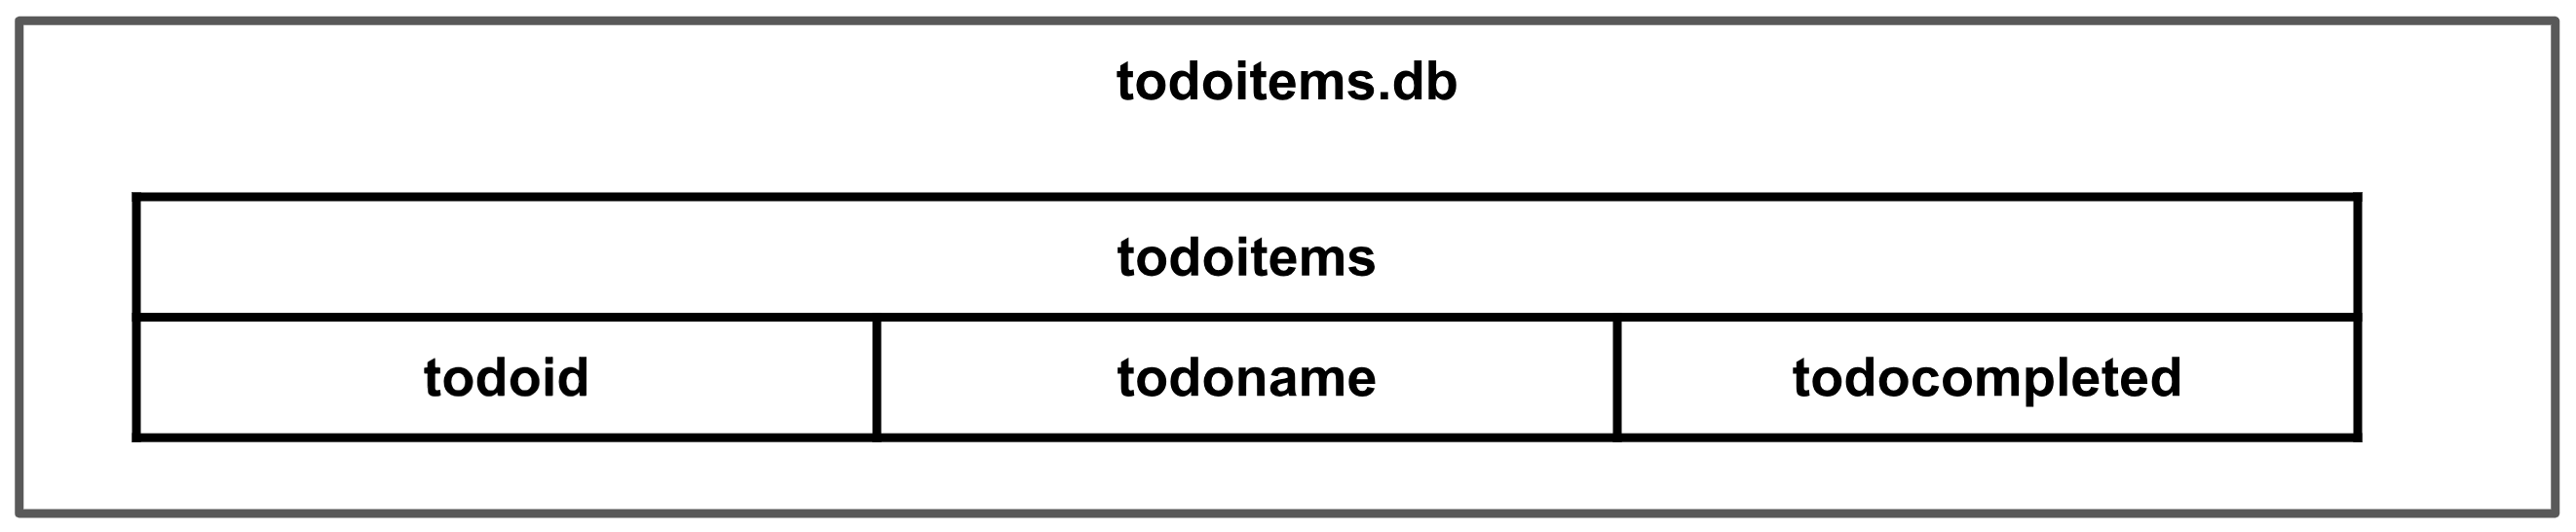 The database schema